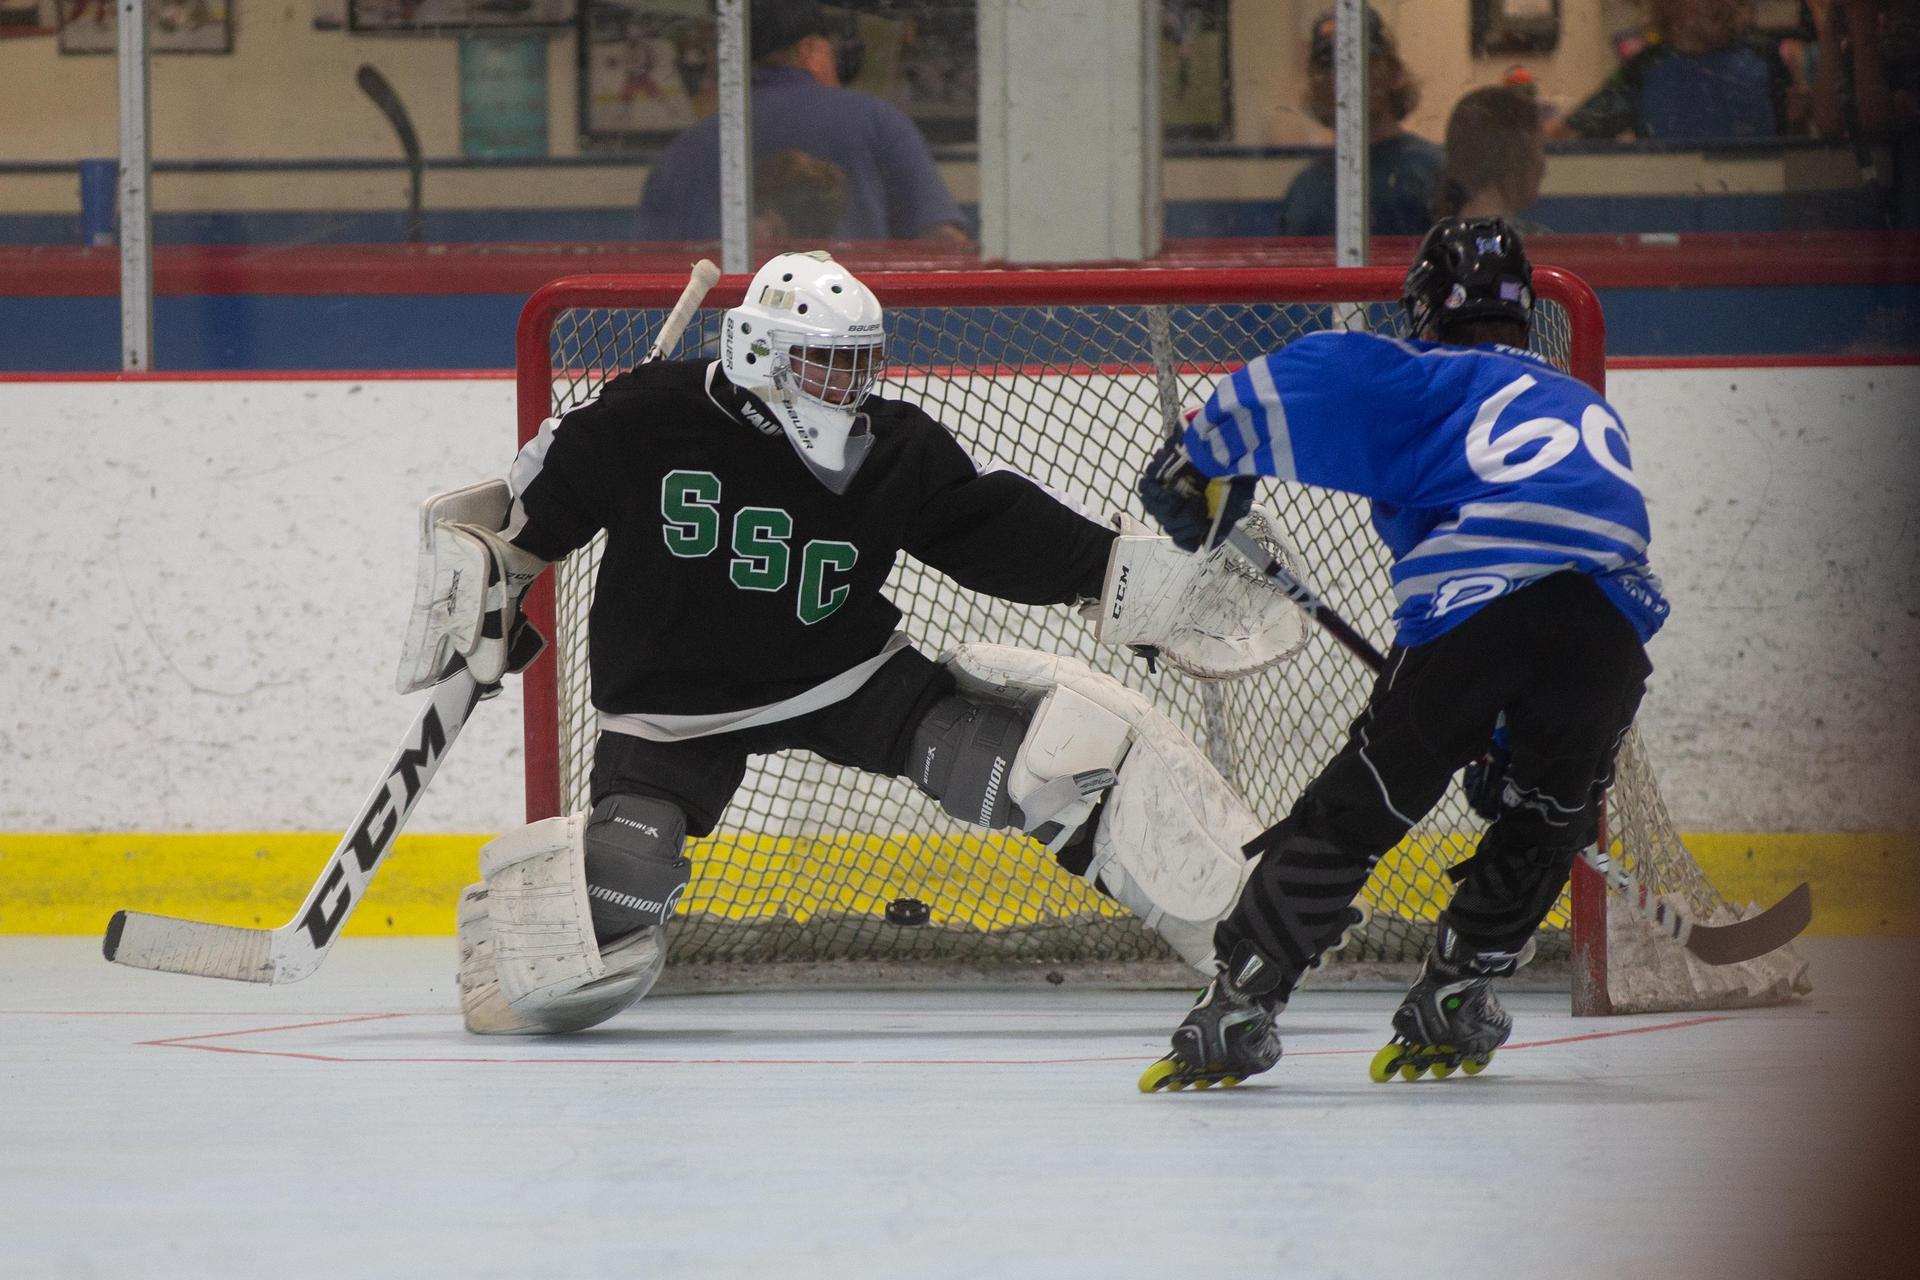 St. Mary's Roller Hockey Goalie